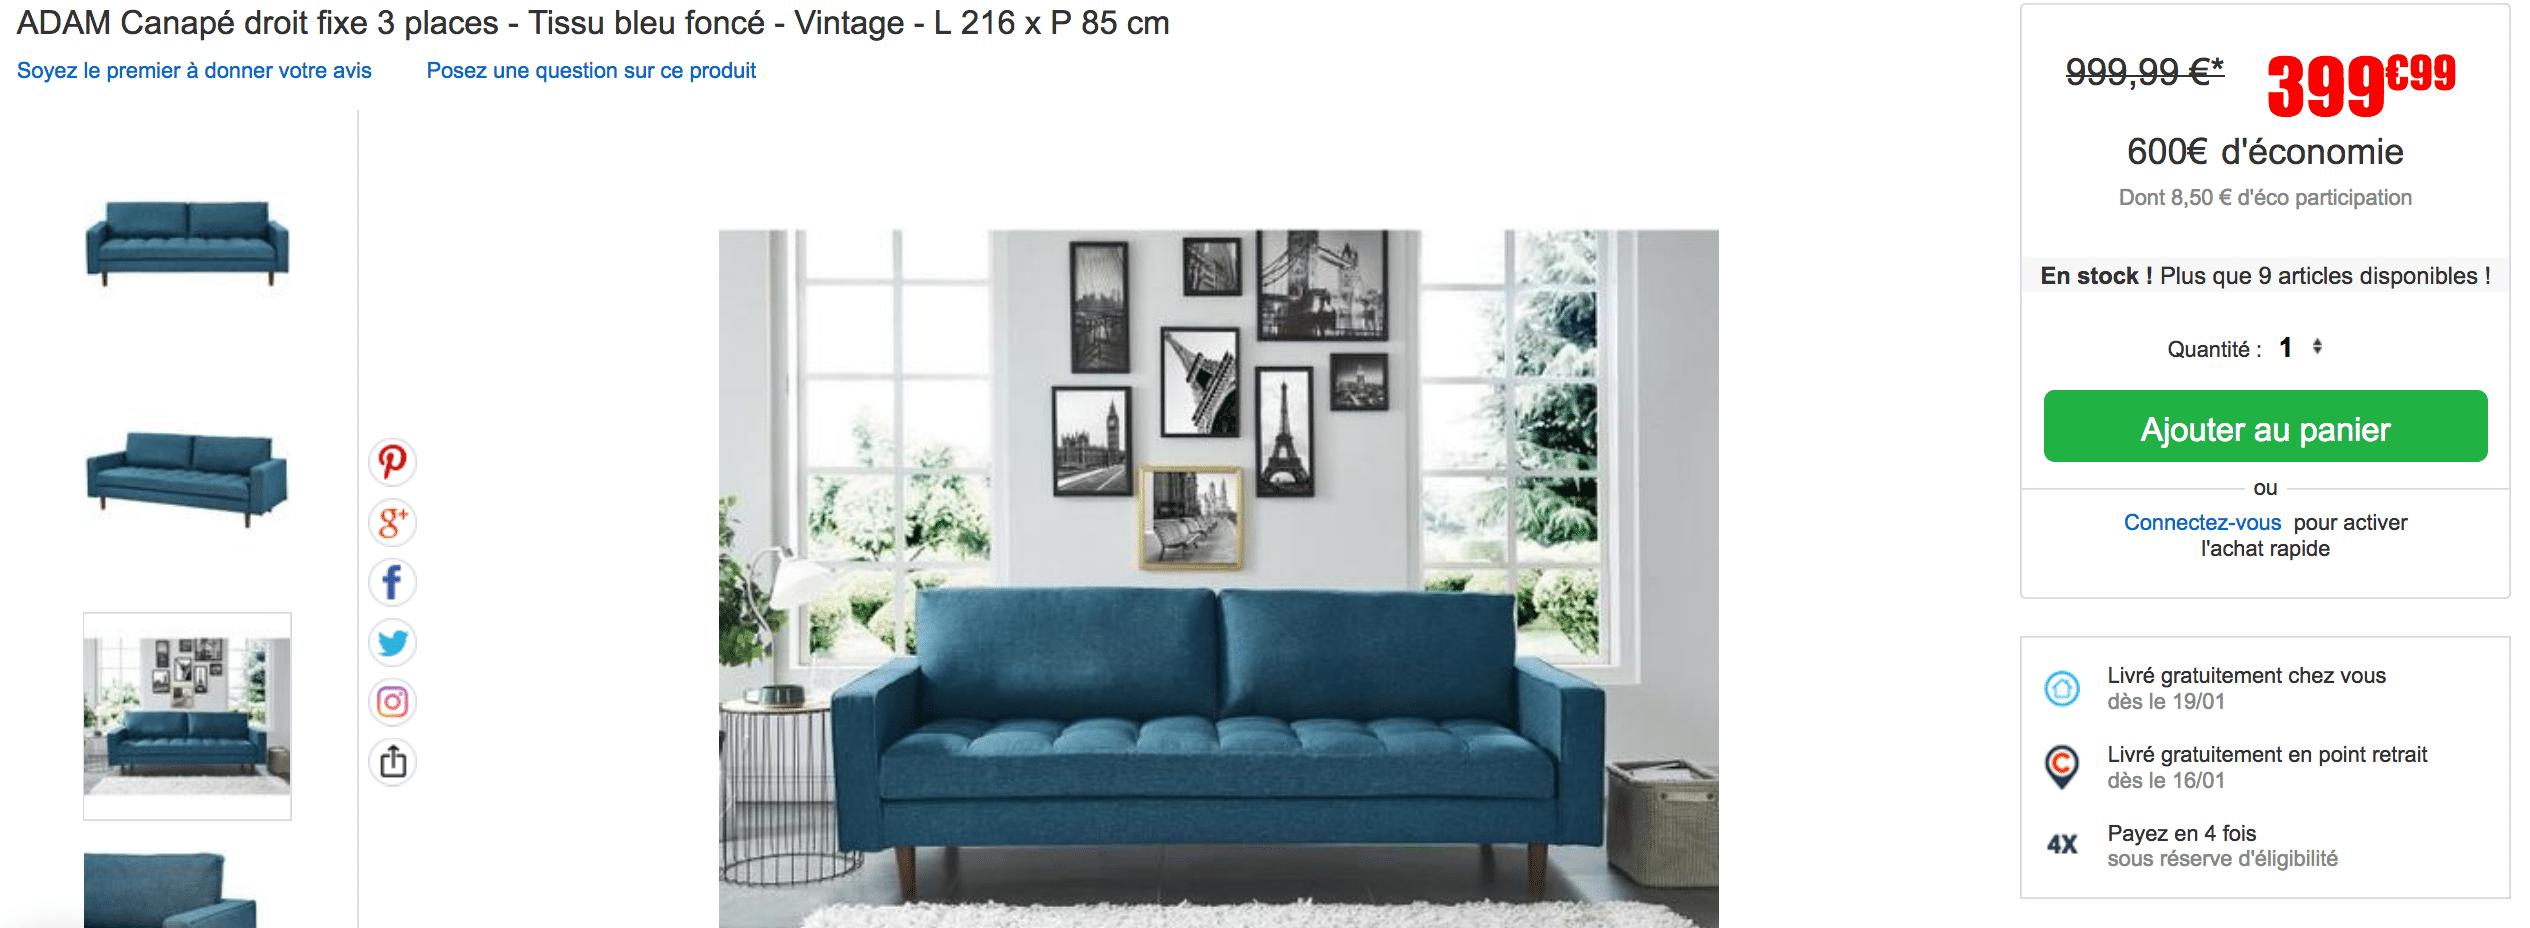 soldes cdiscount quelles sont les meilleures affaires. Black Bedroom Furniture Sets. Home Design Ideas